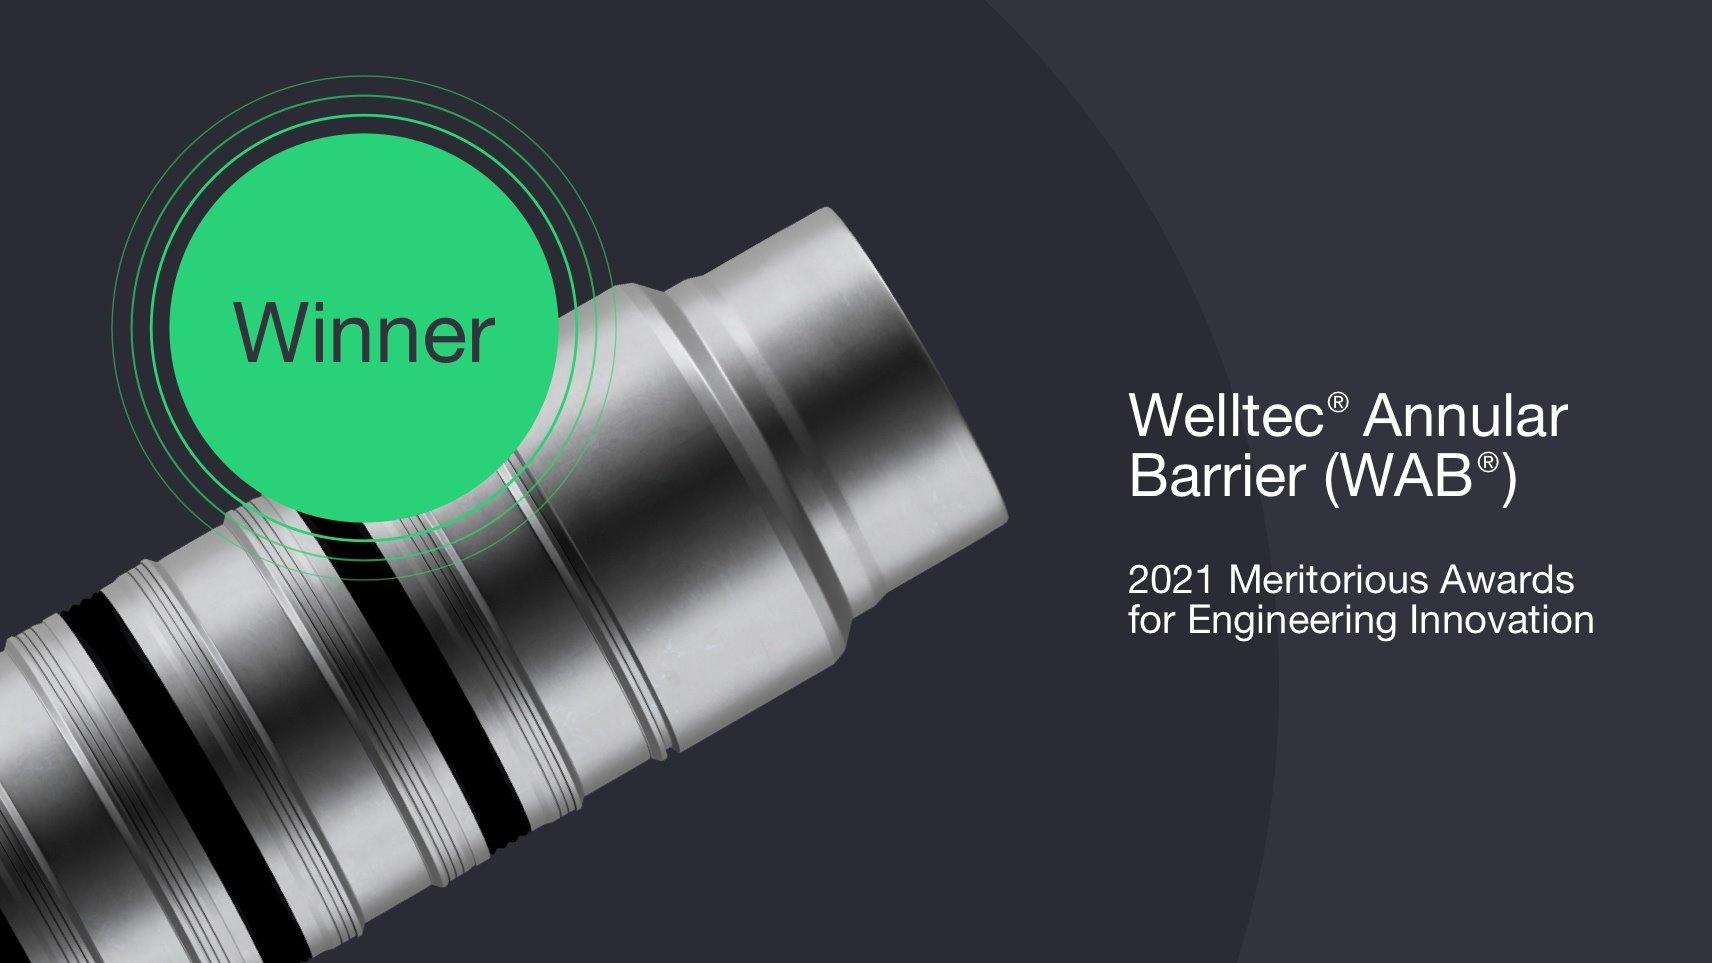 Hart Award for WAB